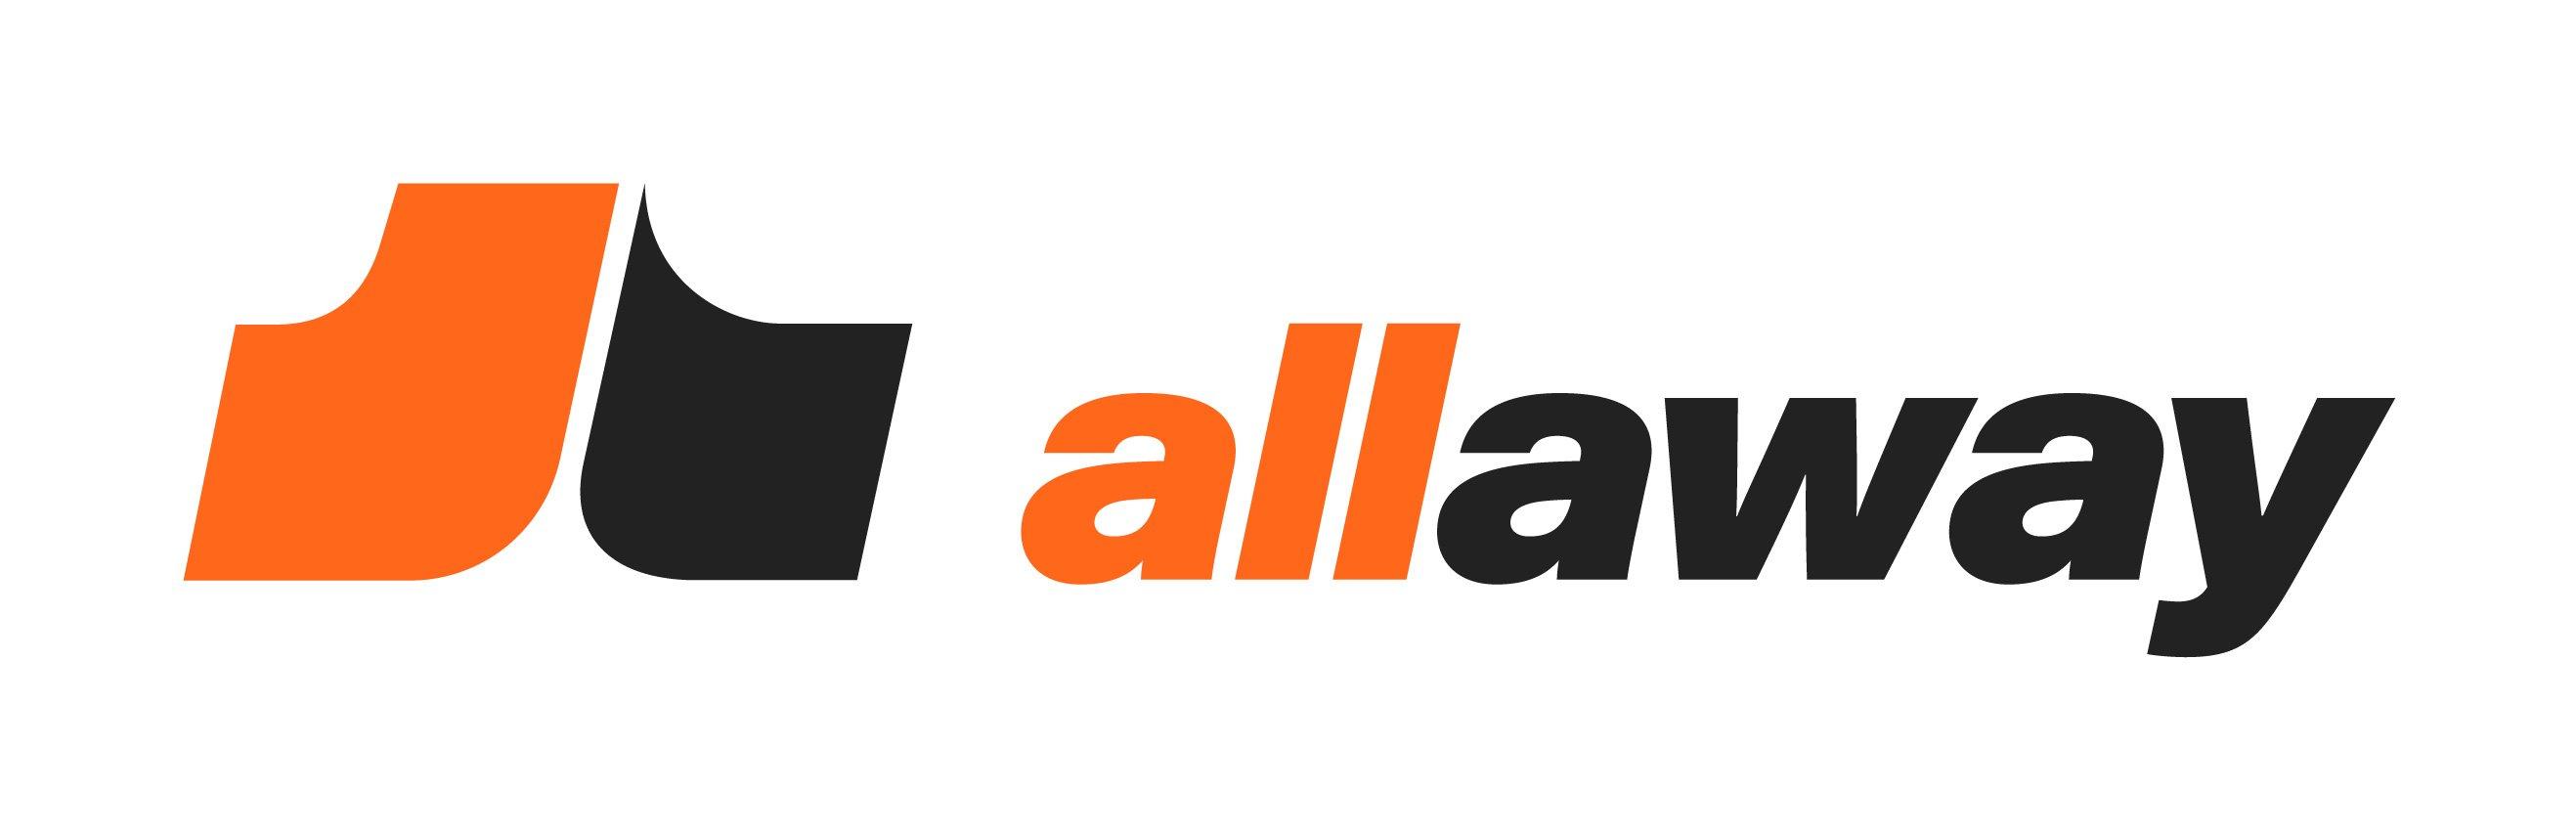 Allaway-FI-RGB_logo